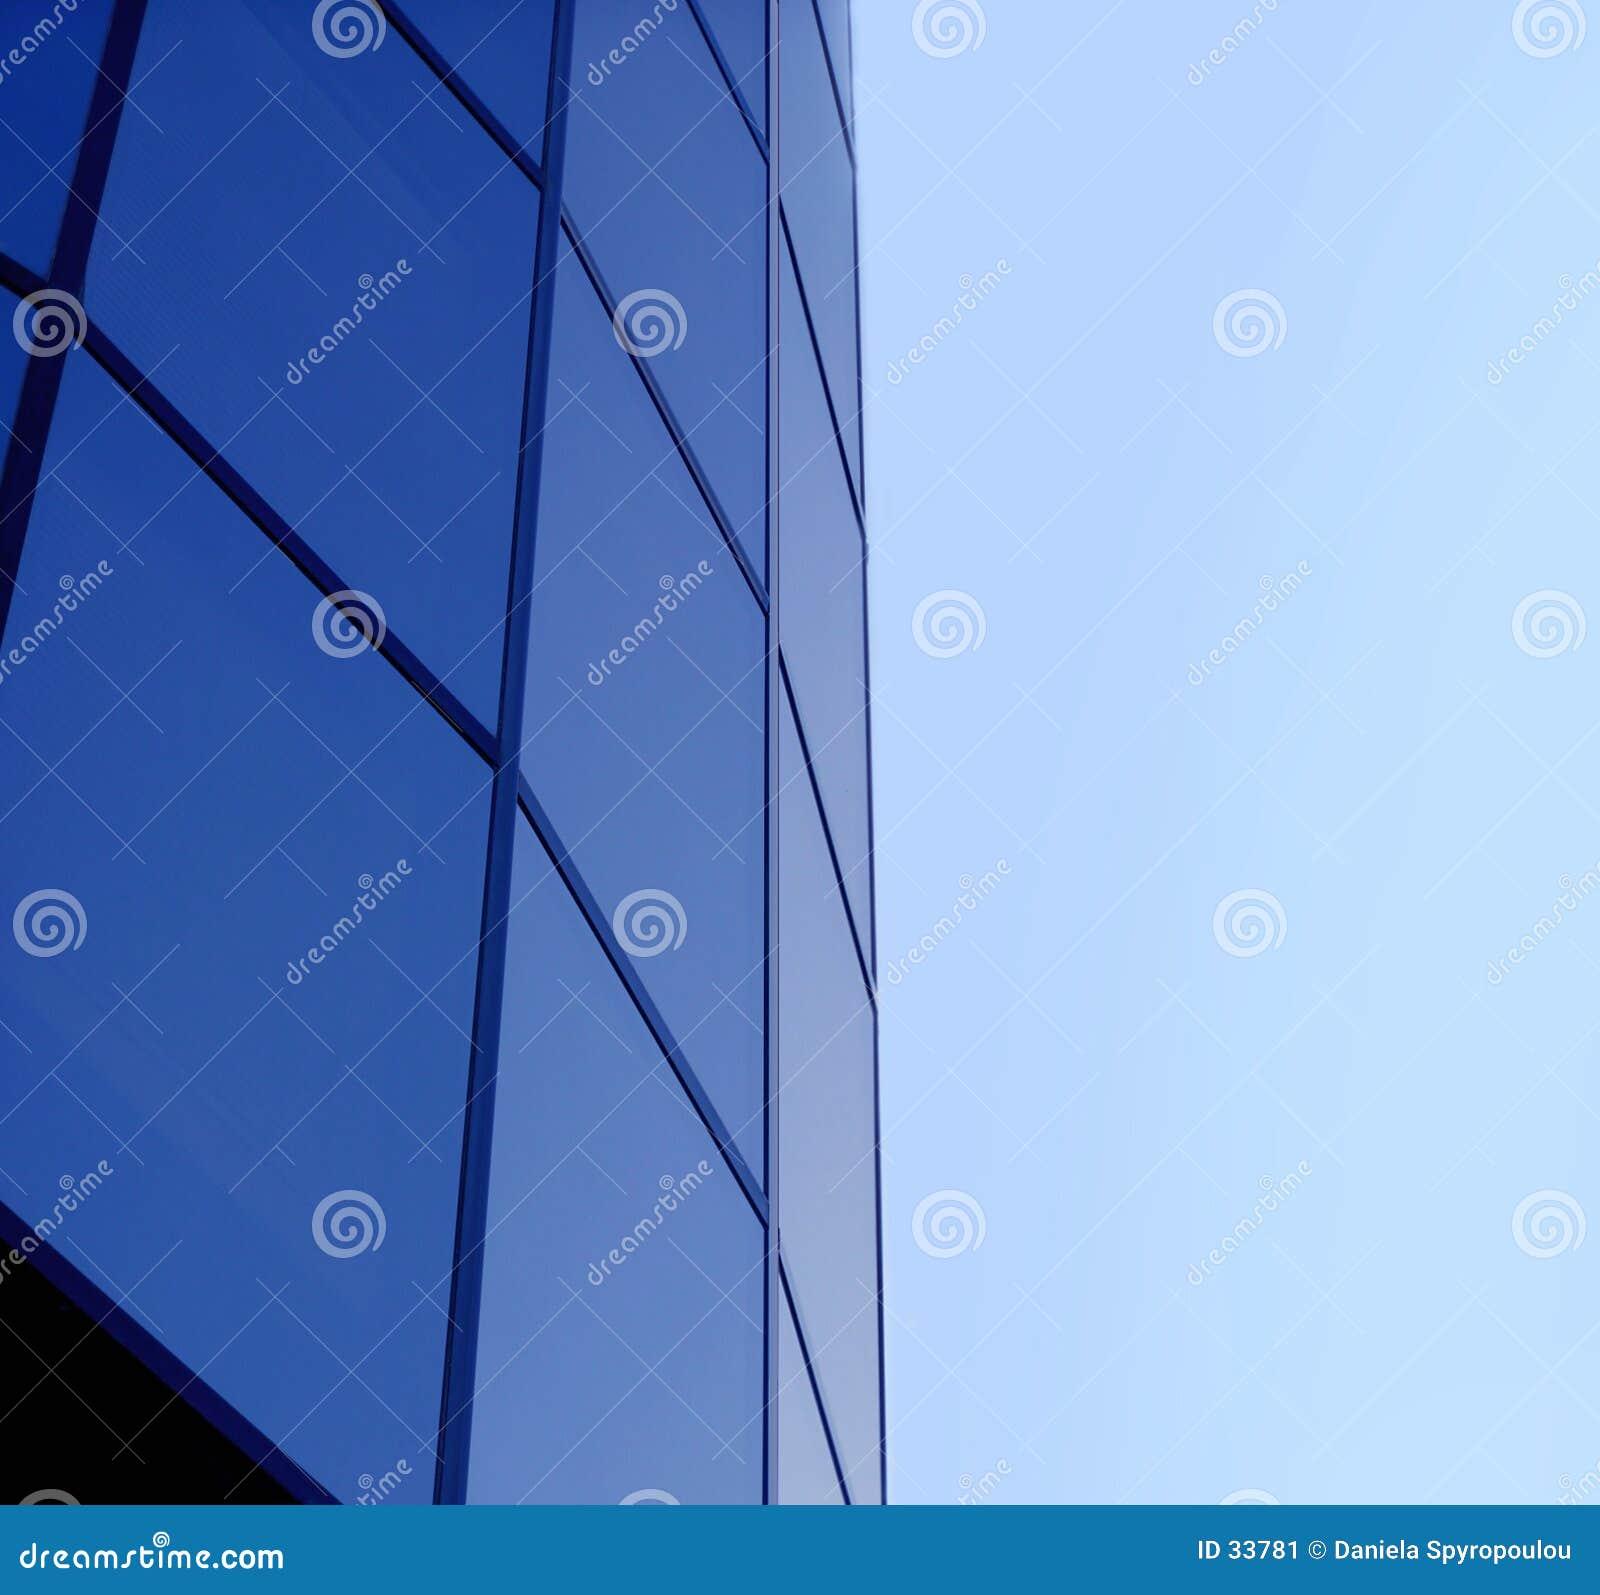 Download Blaues Unternehmensgebäude stockbild. Bild von gläser, glas - 33781